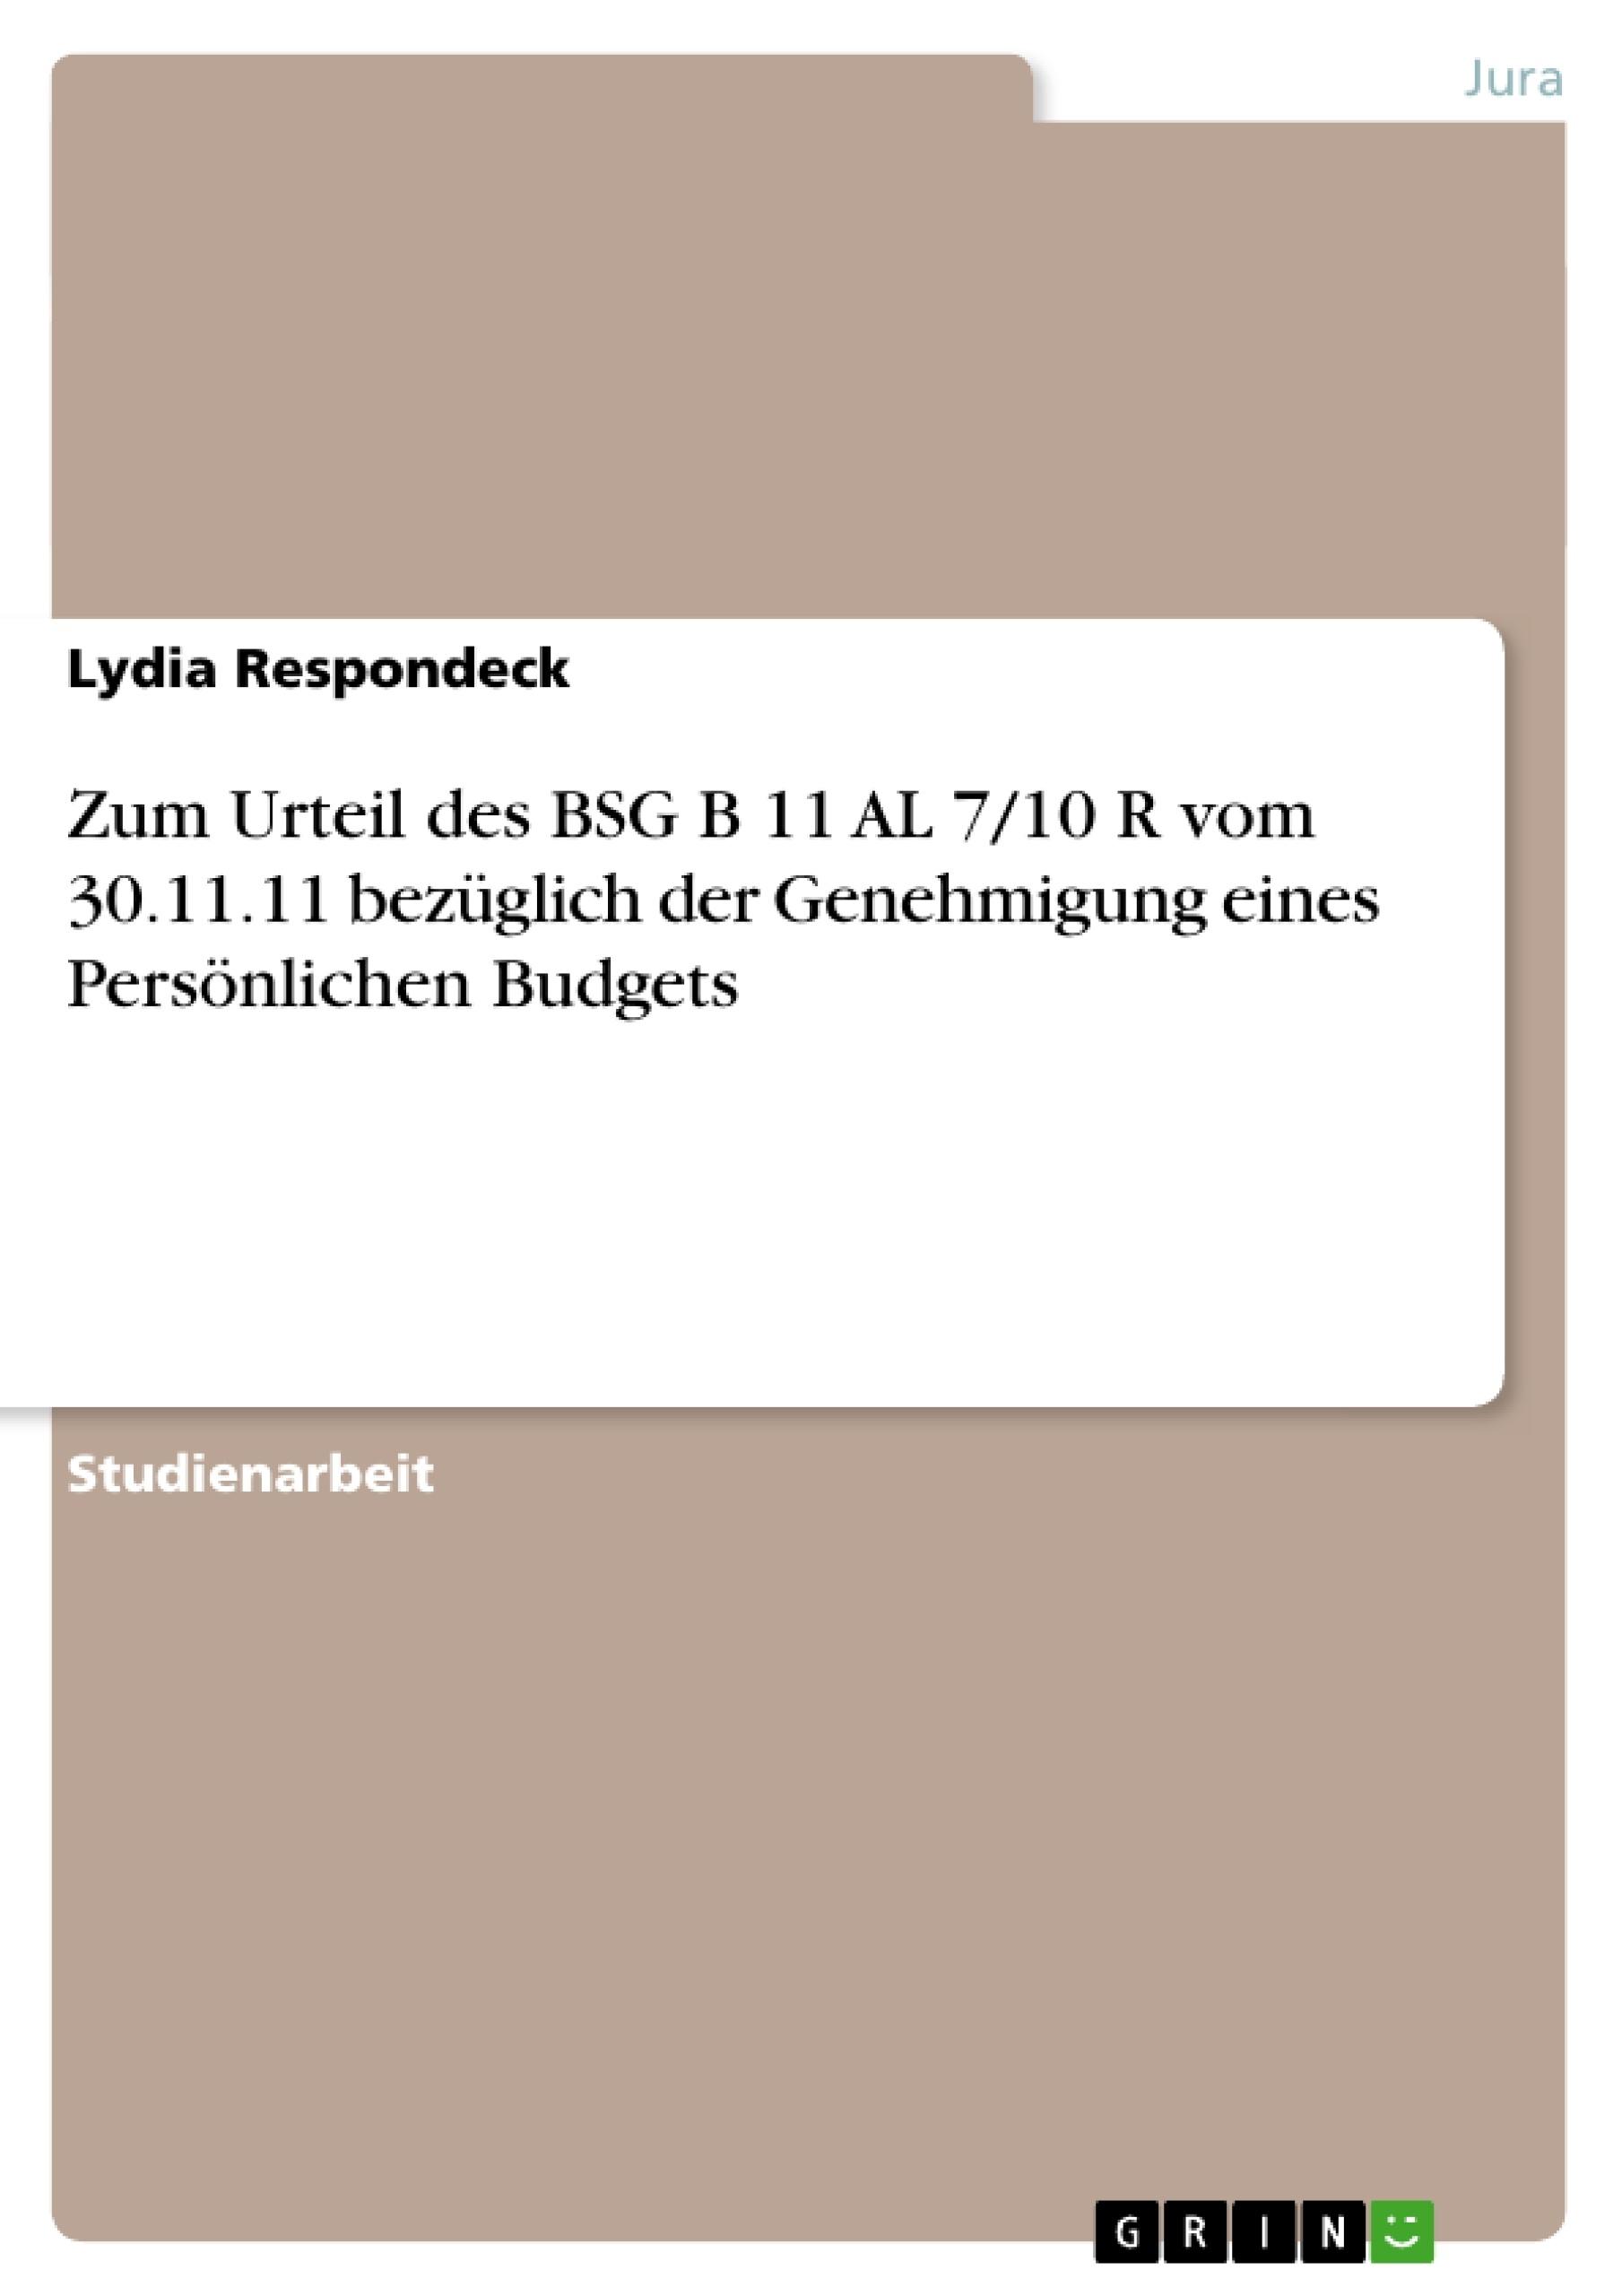 Titel: Zum Urteil des BSG B 11 AL 7/10 R vom 30.11.11 bezüglich der Genehmigung eines  Persönlichen Budgets